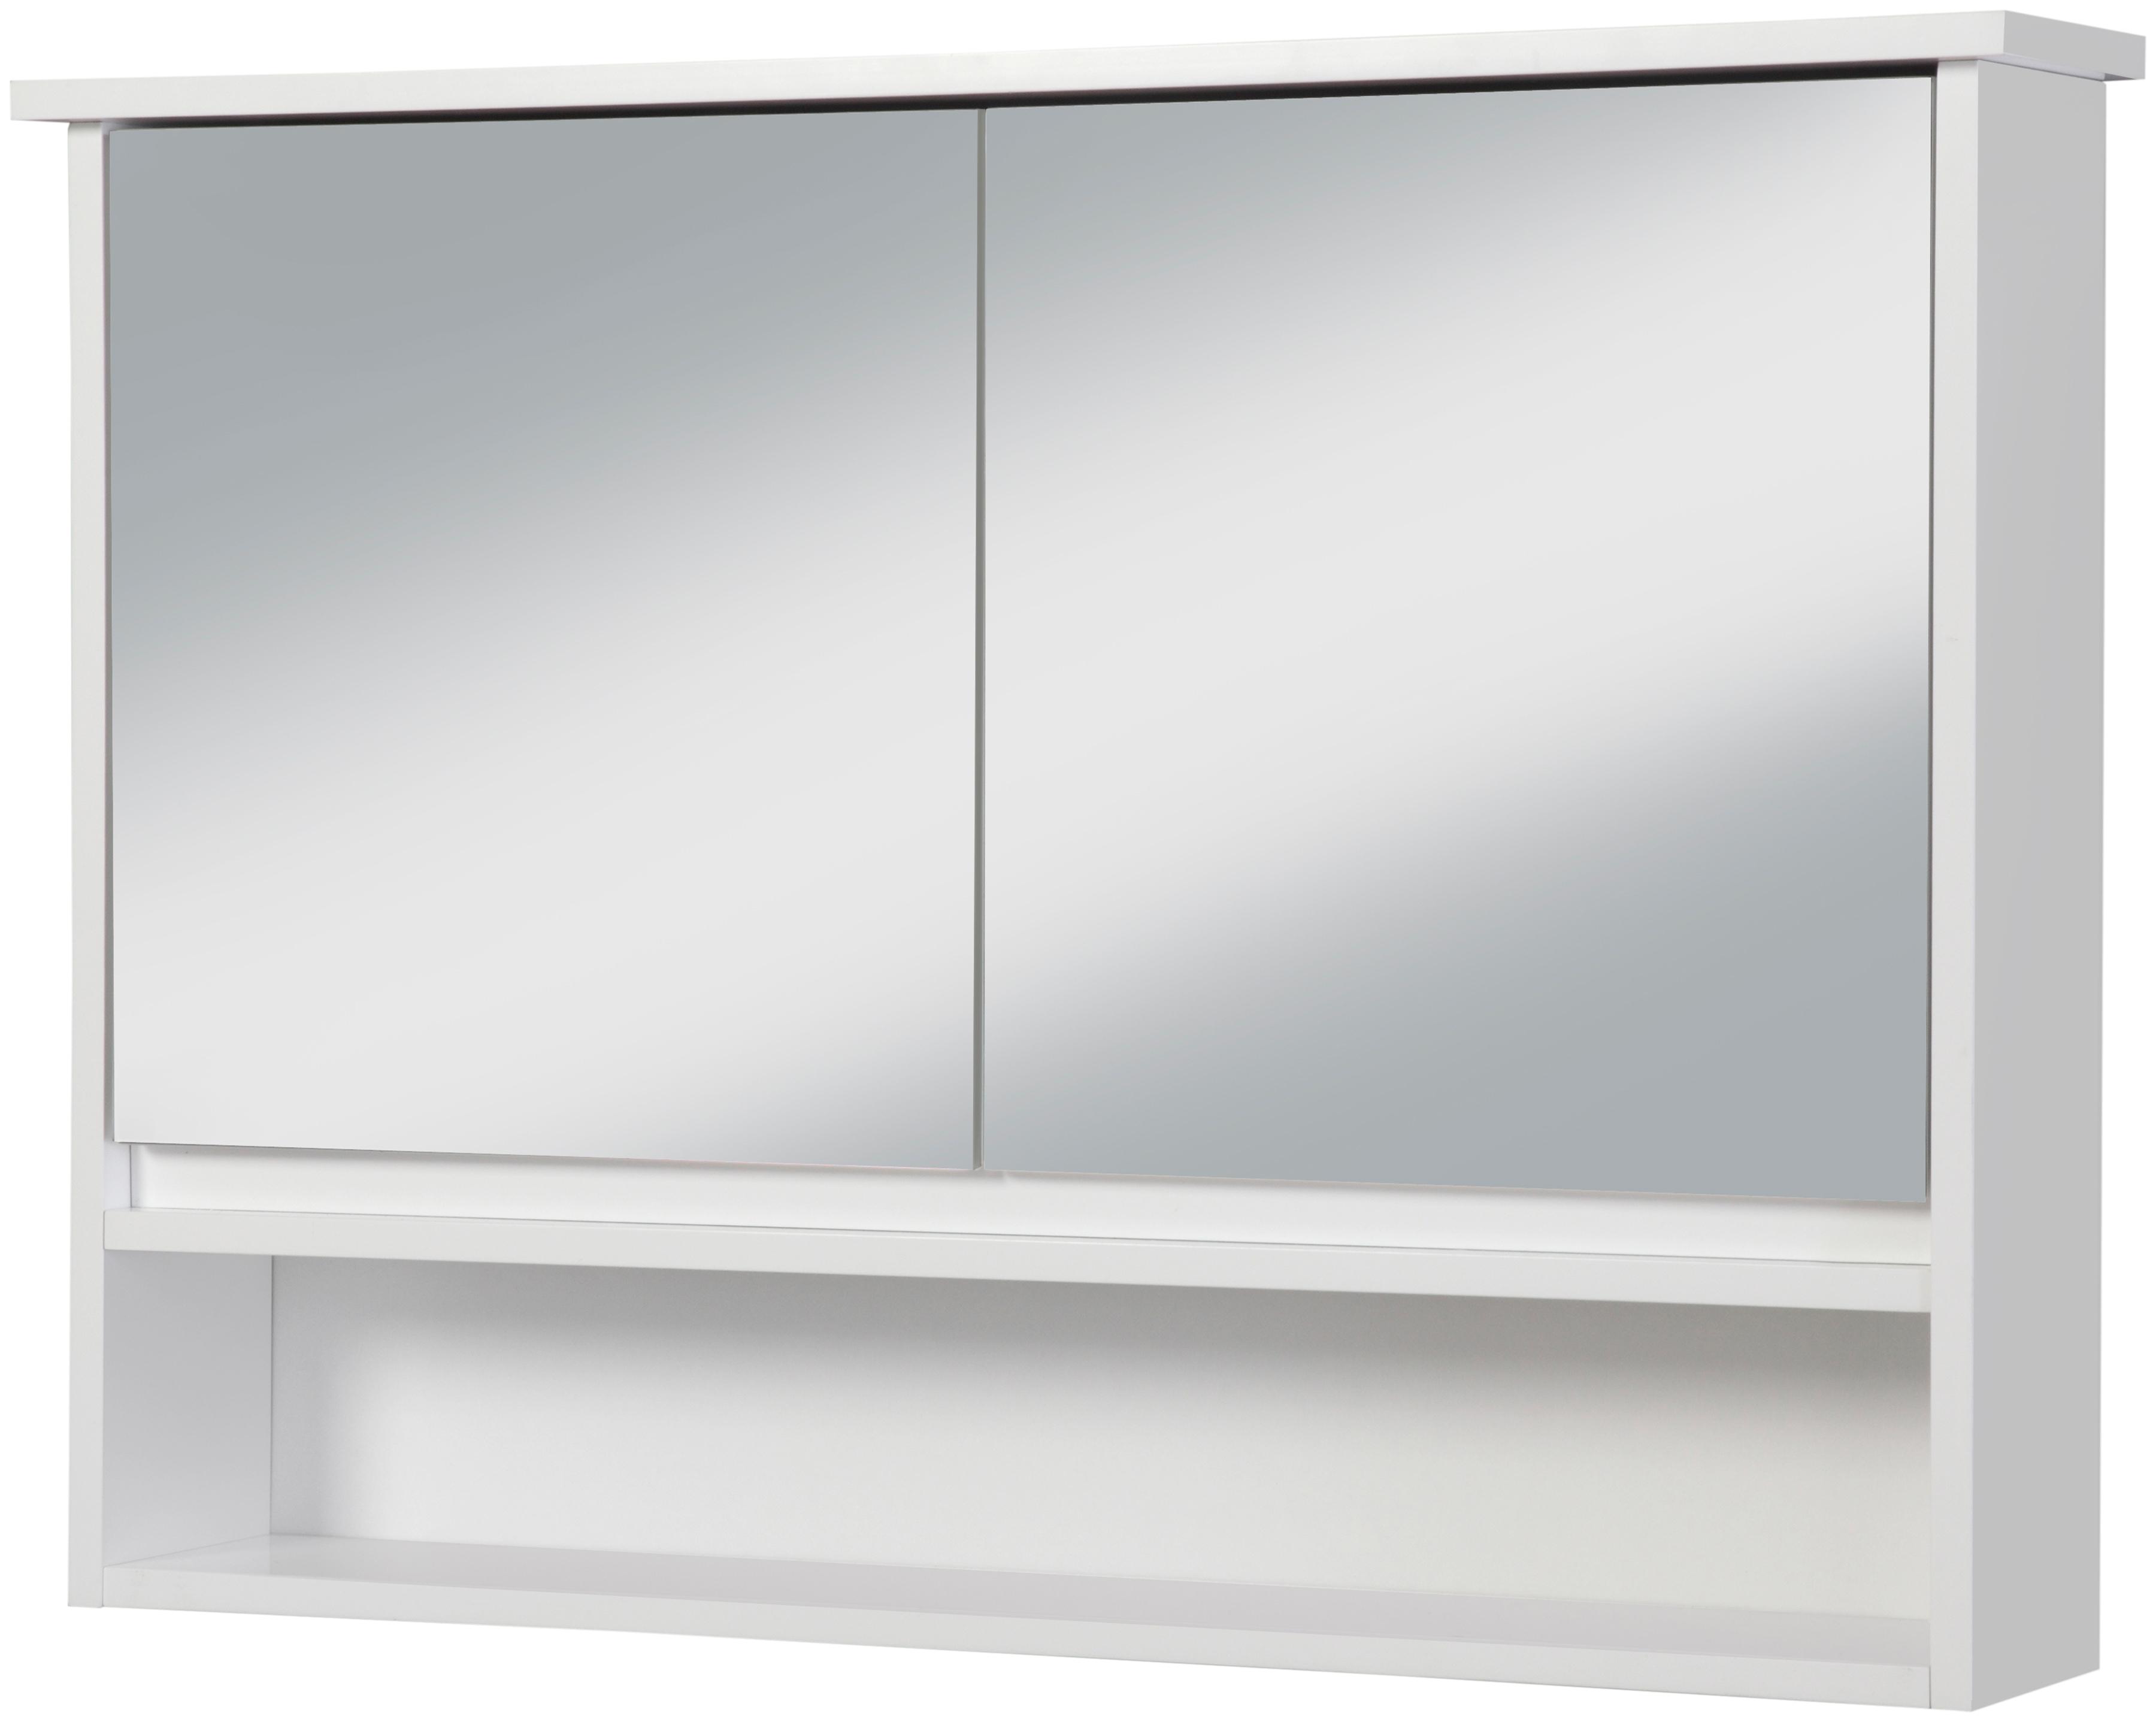 Spiegelschrank »Luzern«, 2 Türen und 3 Ablagen online bestellen